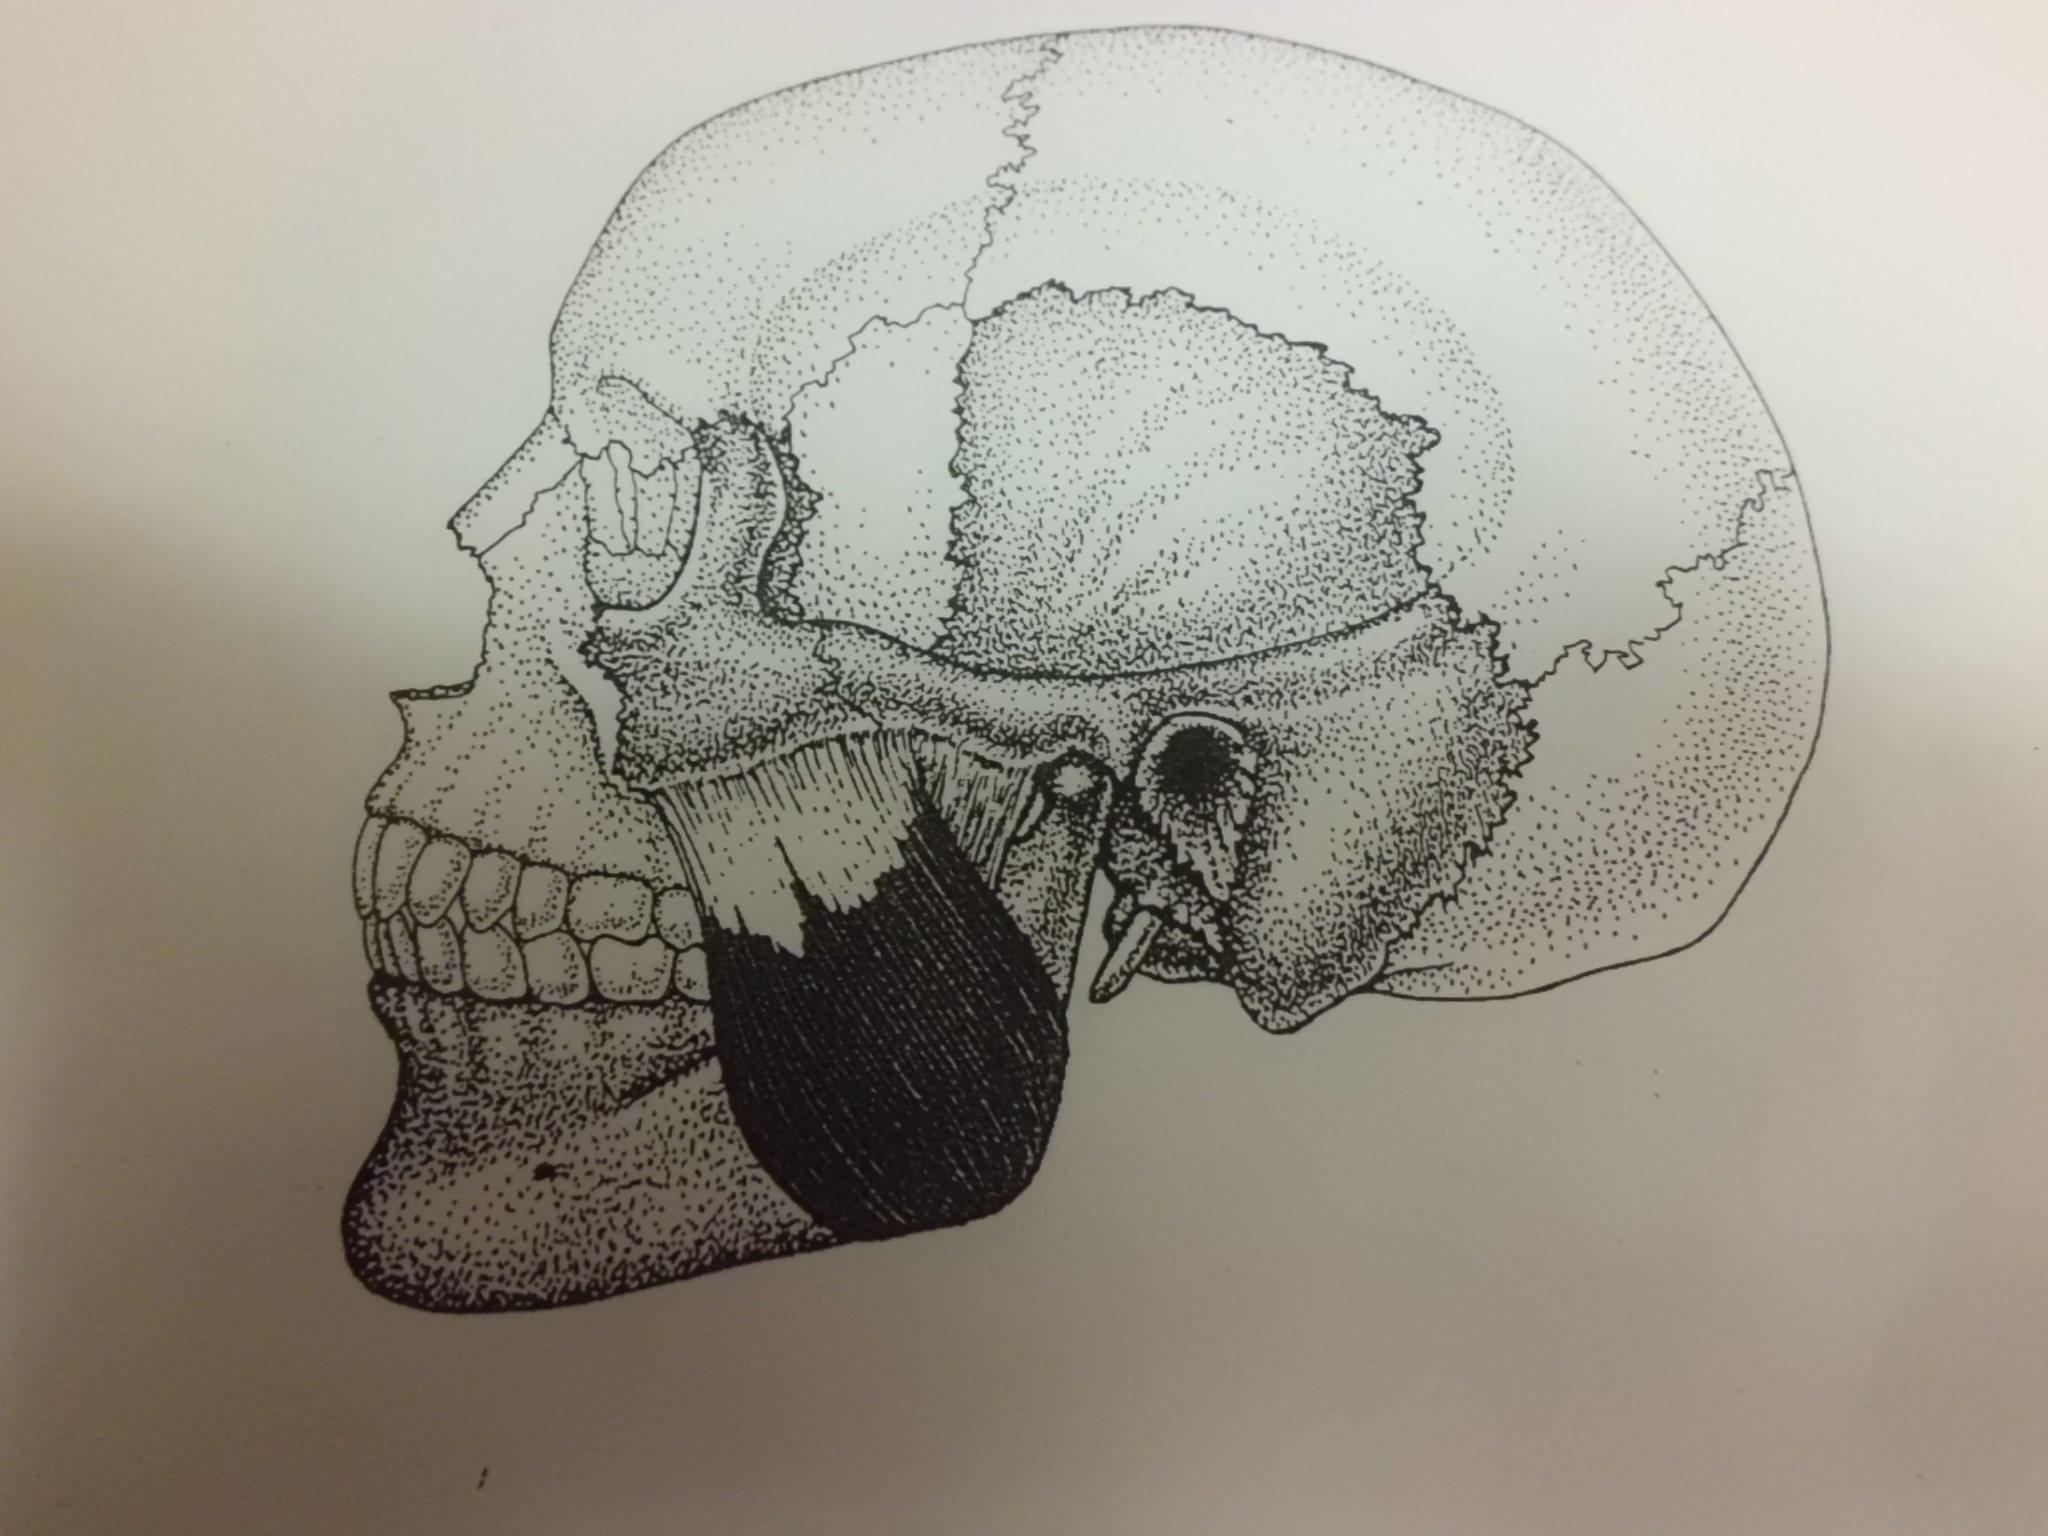 肩こりの鍼灸治療について (自費)_e0096277_18452482.jpg